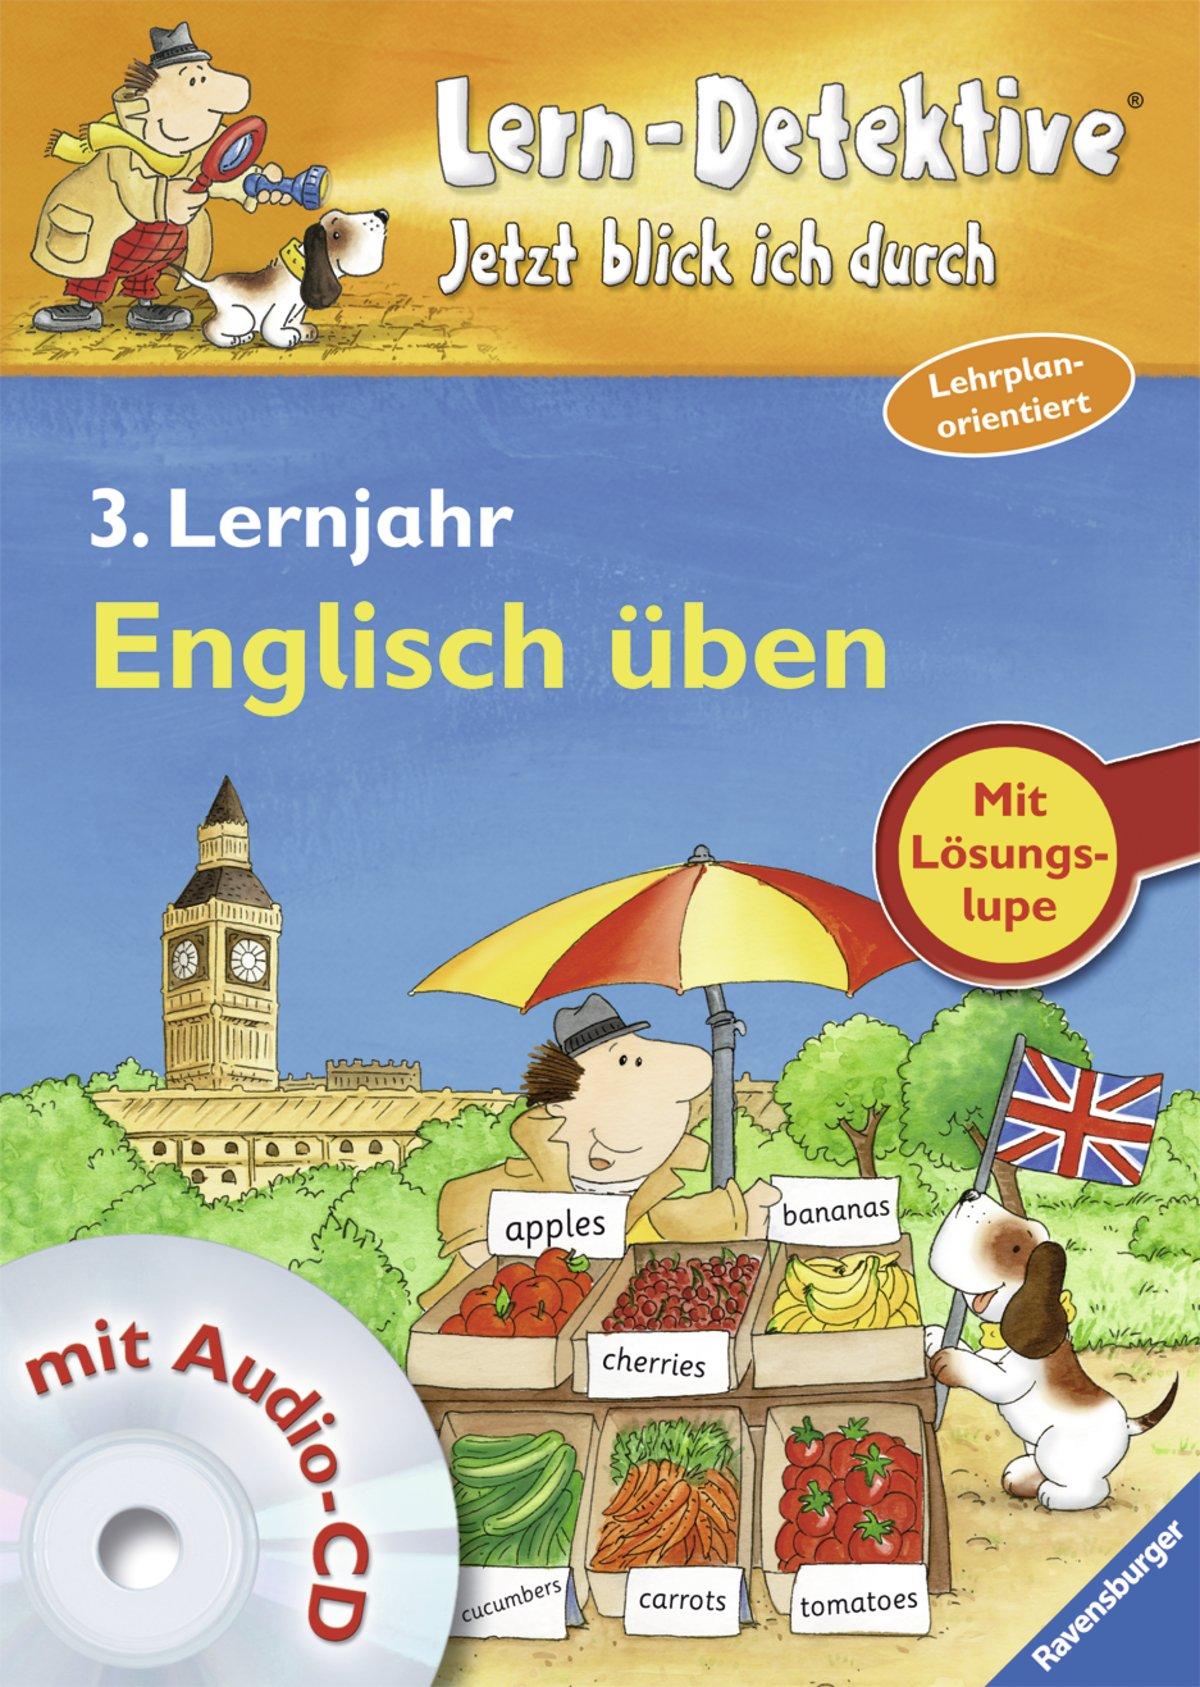 Englisch üben (3. Lernjahr) (Lern-Detektive - Jetzt blick ich durch)